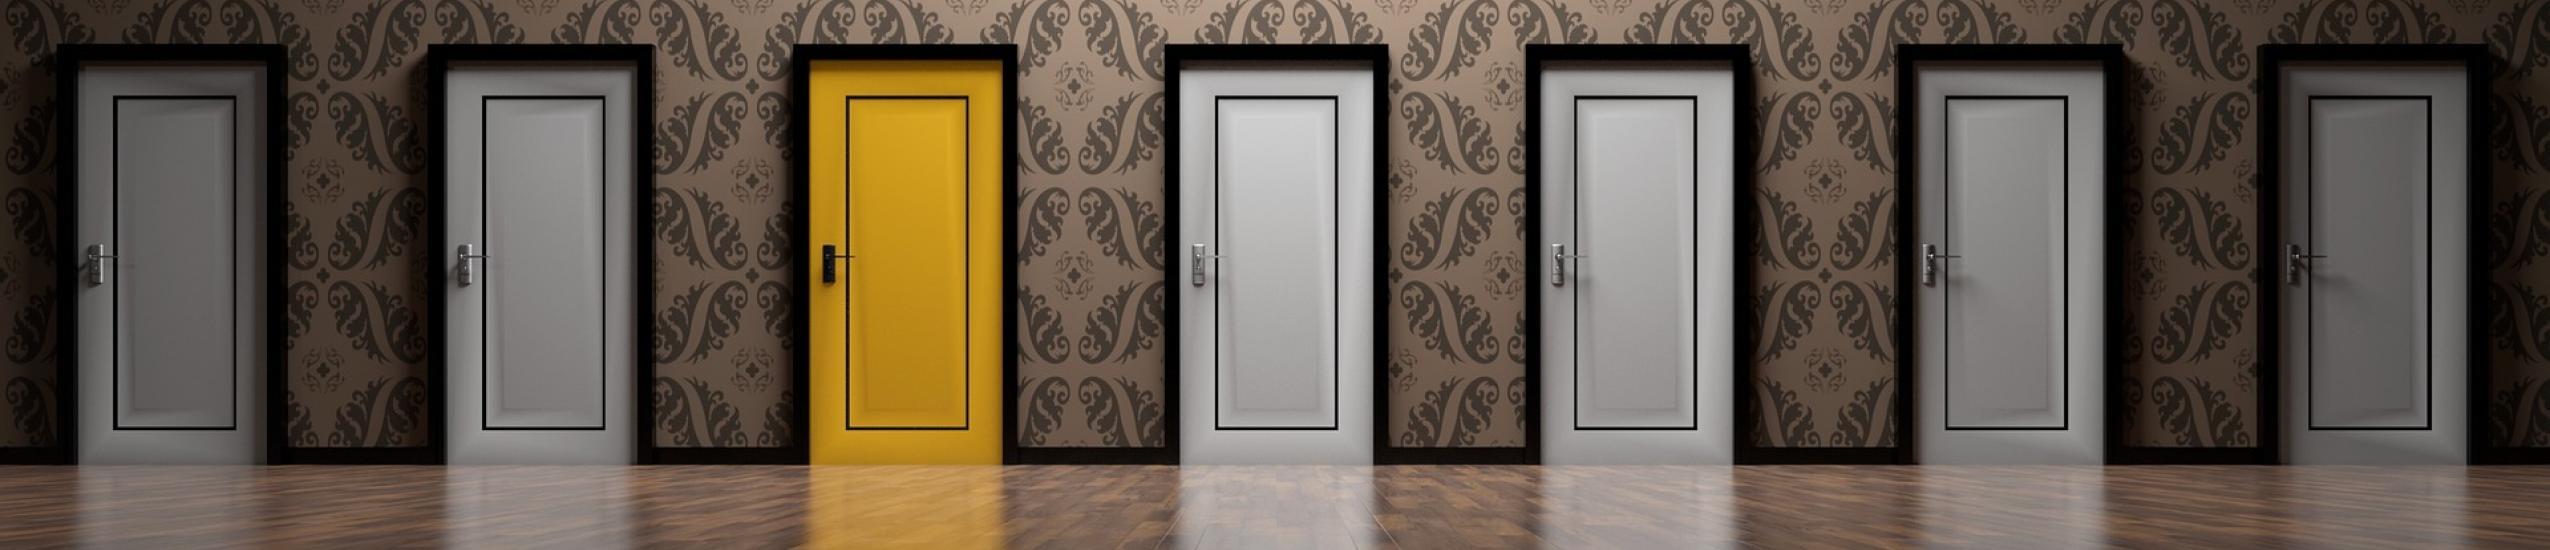 Foto di una parete con una serie di porte